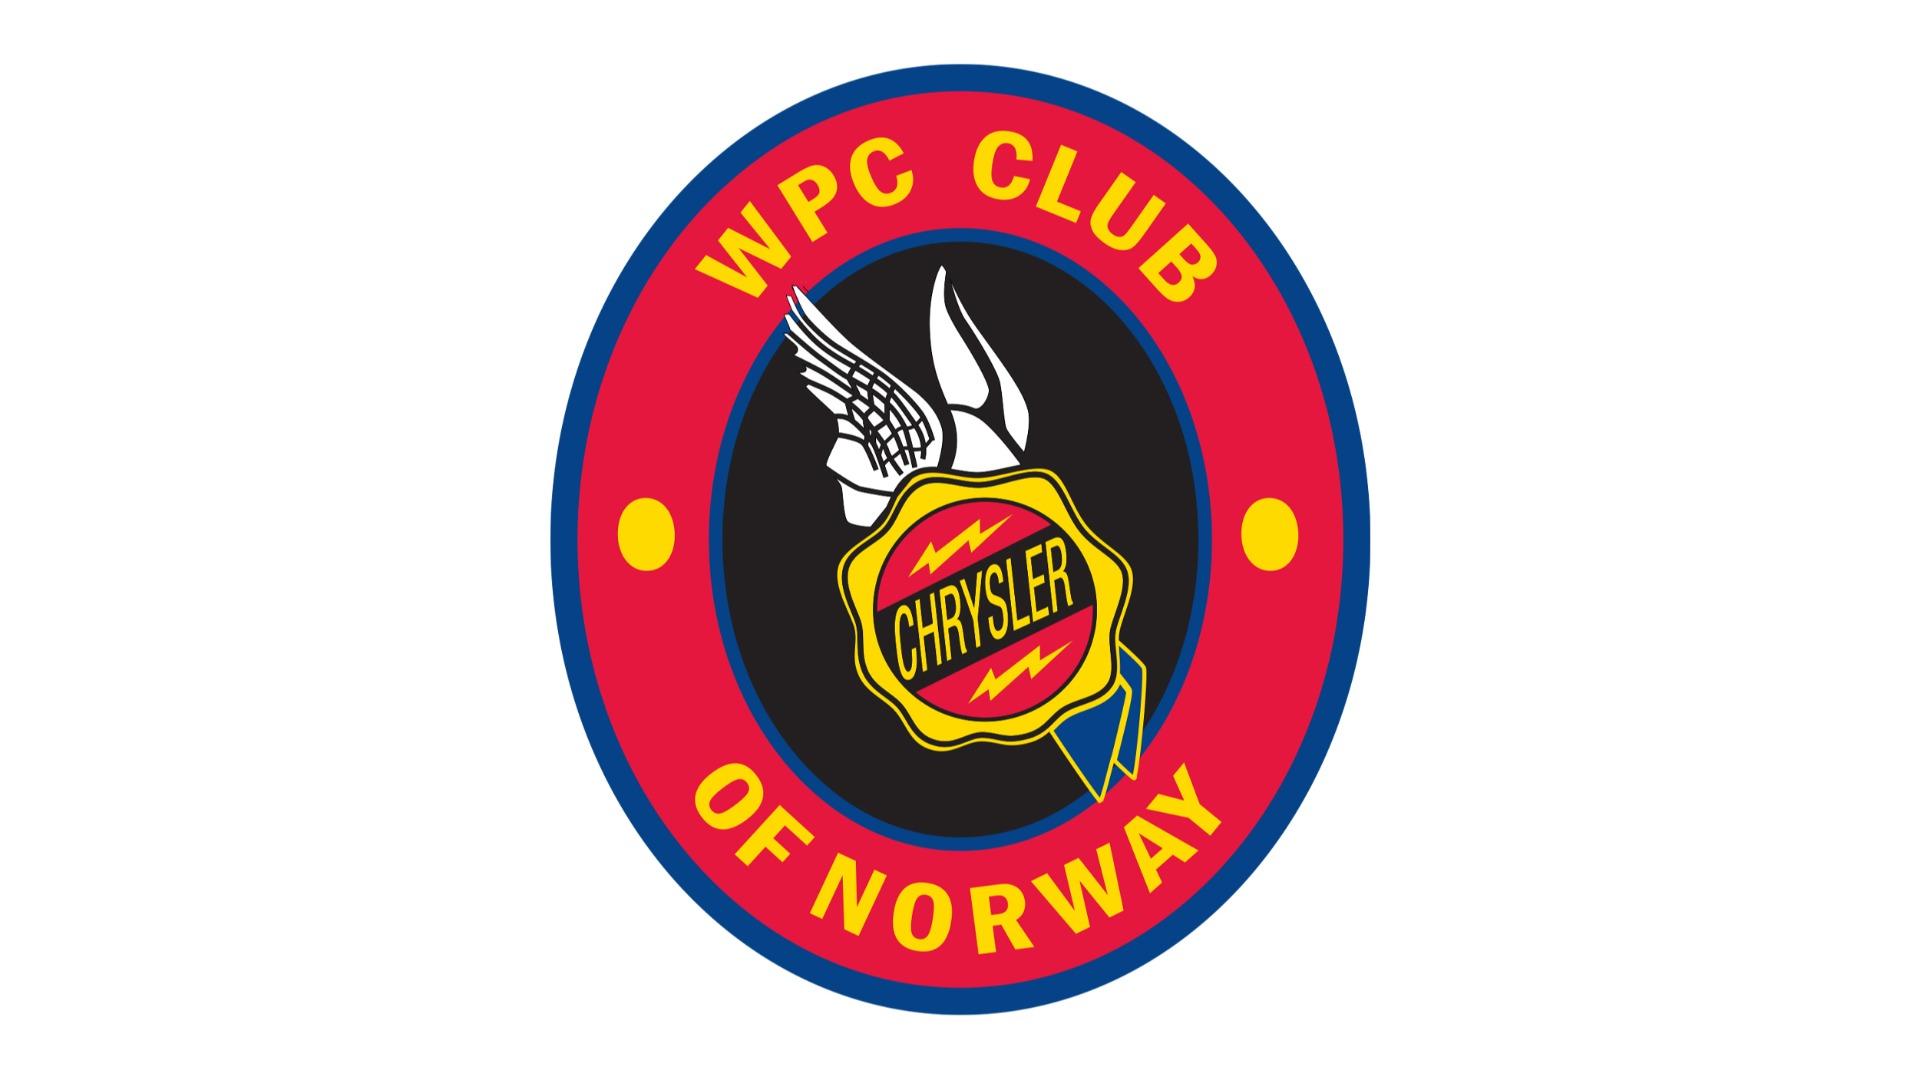 WPC+club+of+norway-Fullskjerm.jpg